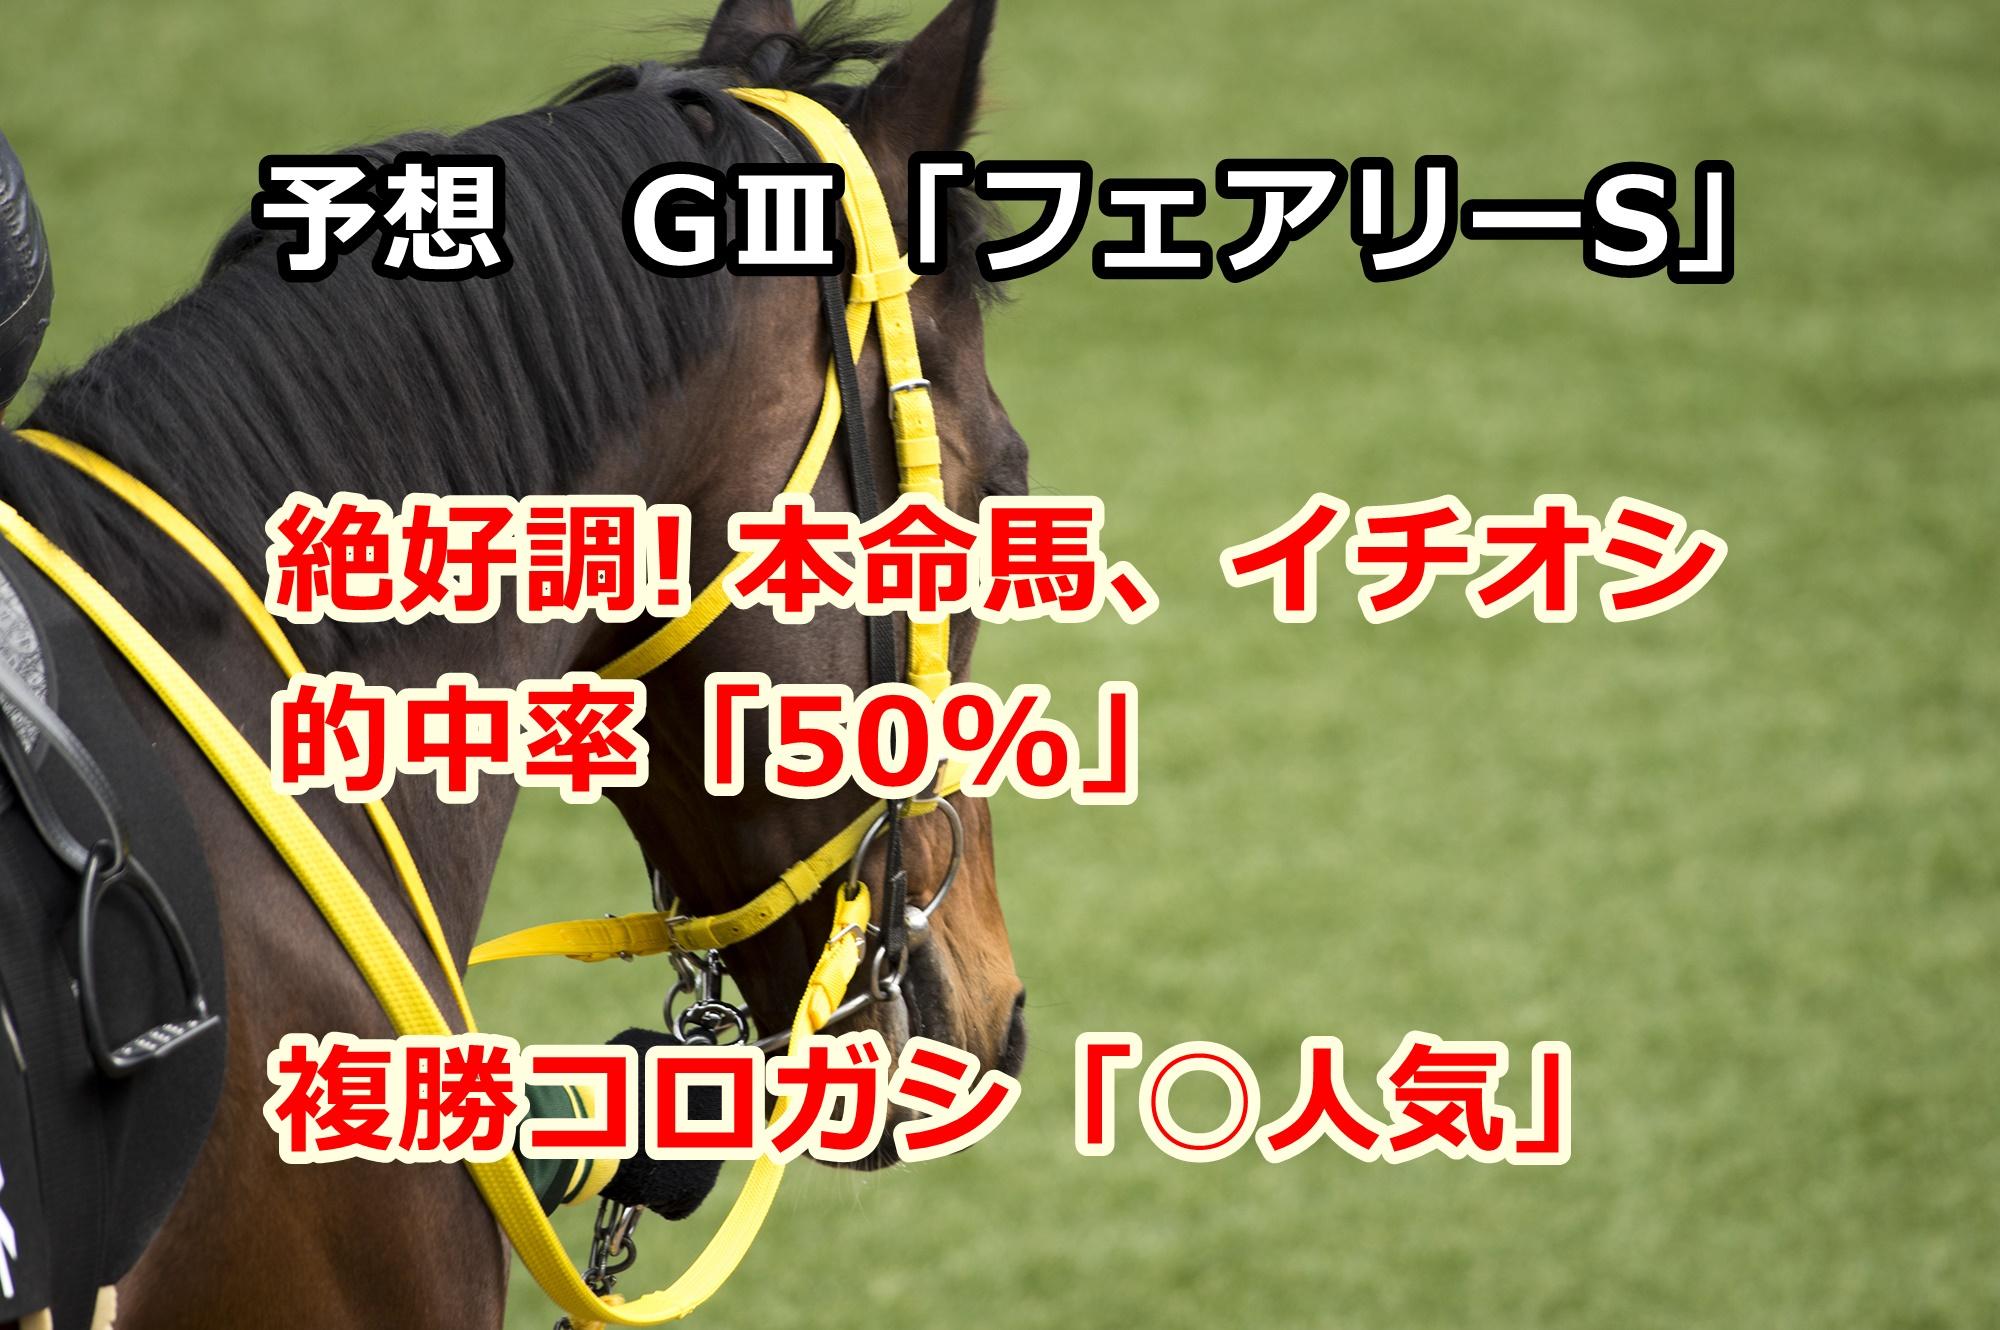 【競馬】フェアリーステークスの予想 絶好調!本命馬、イチオシ「的中率50%」 第38回